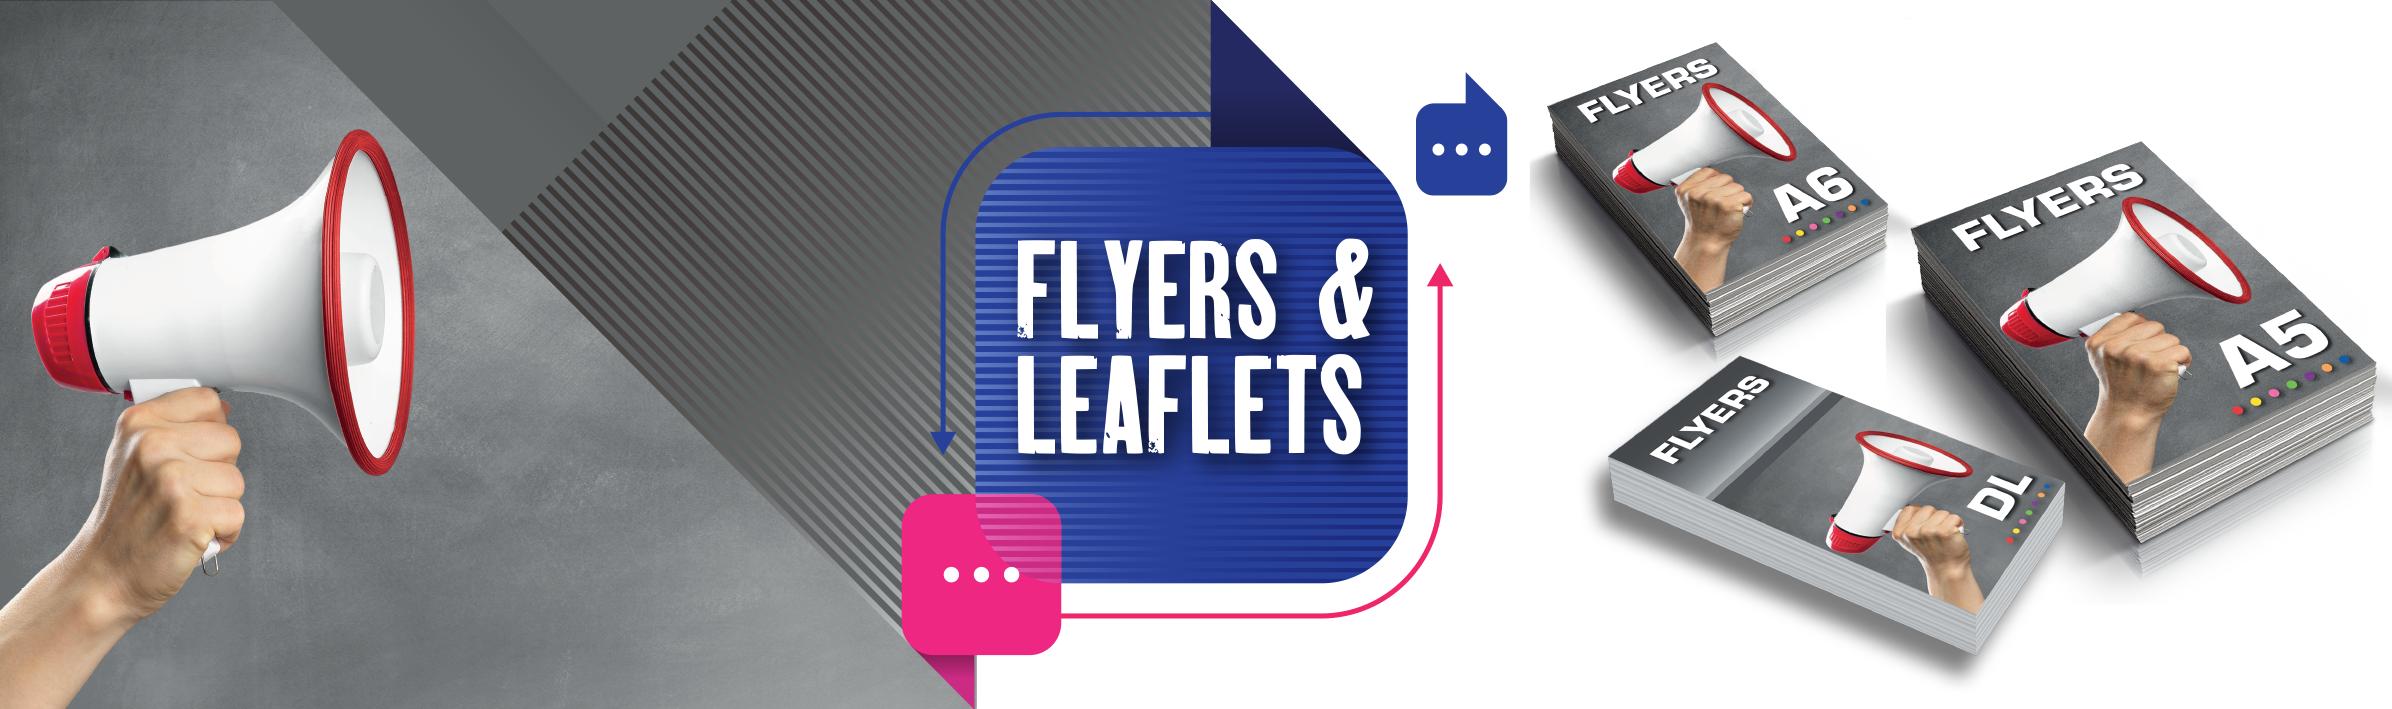 Flyers & Leaflets Product Slider 2021